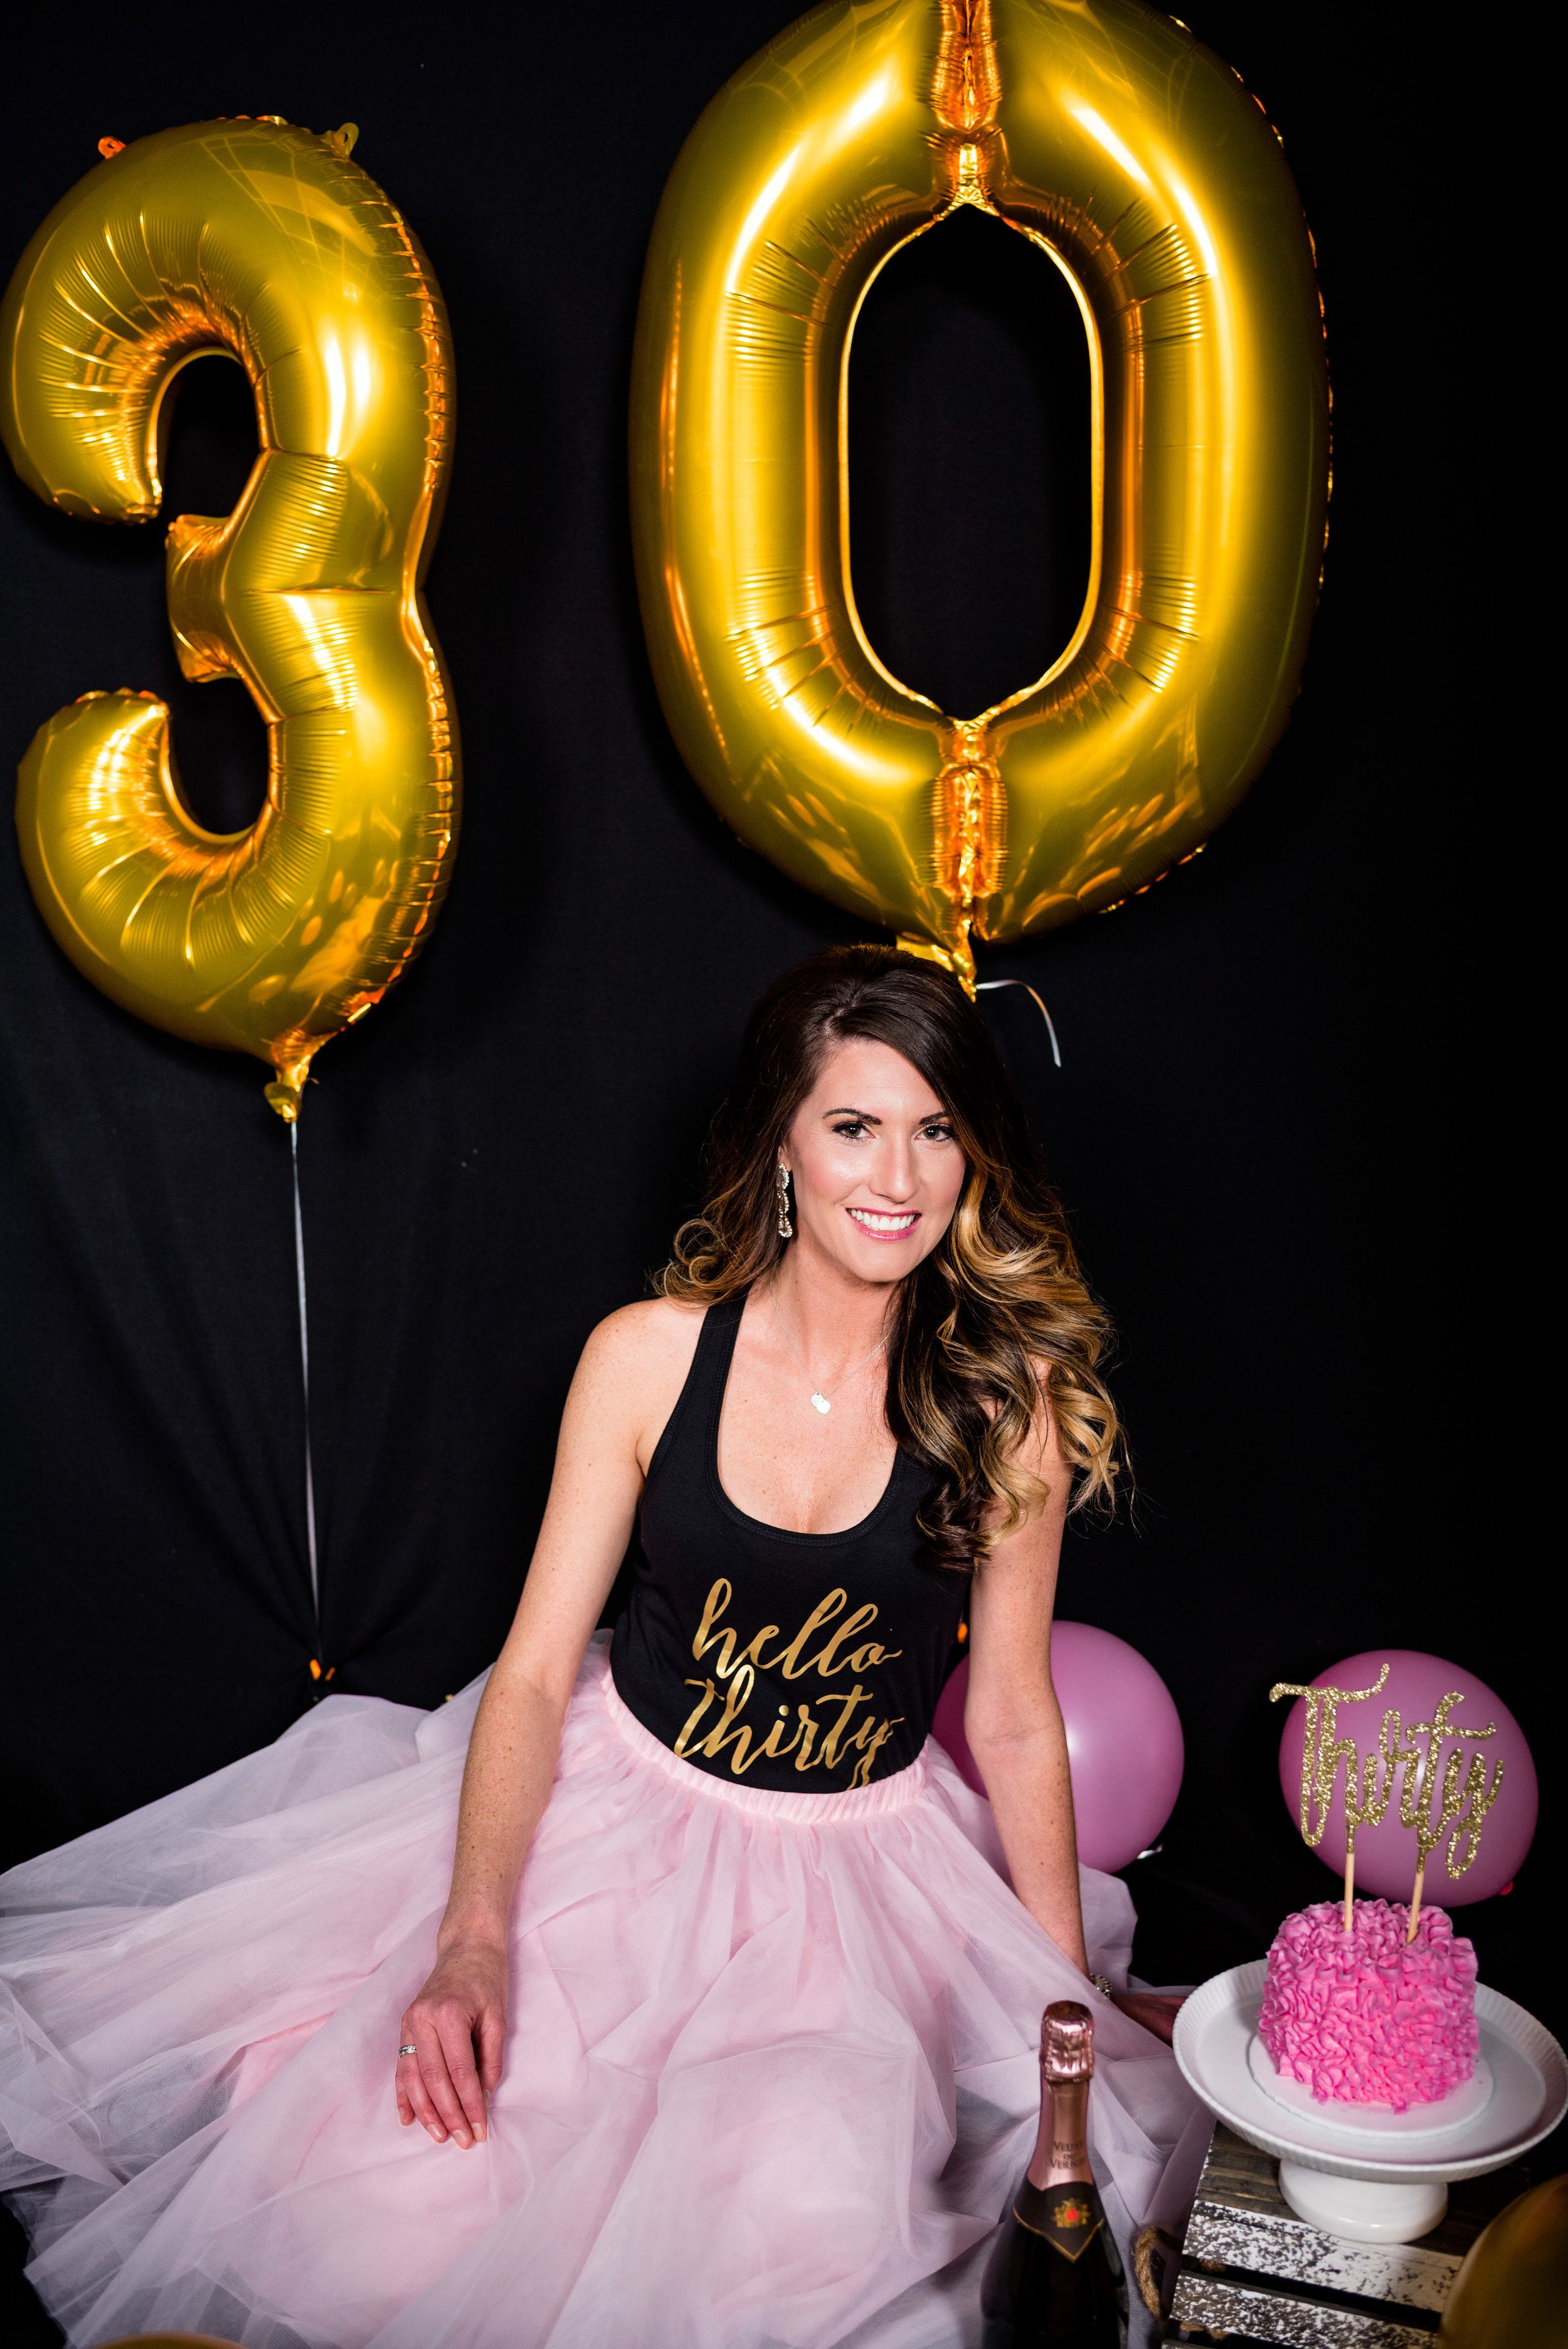 Holly Turns 30 Grown Up Cake Smash Toledo Ohio Photography